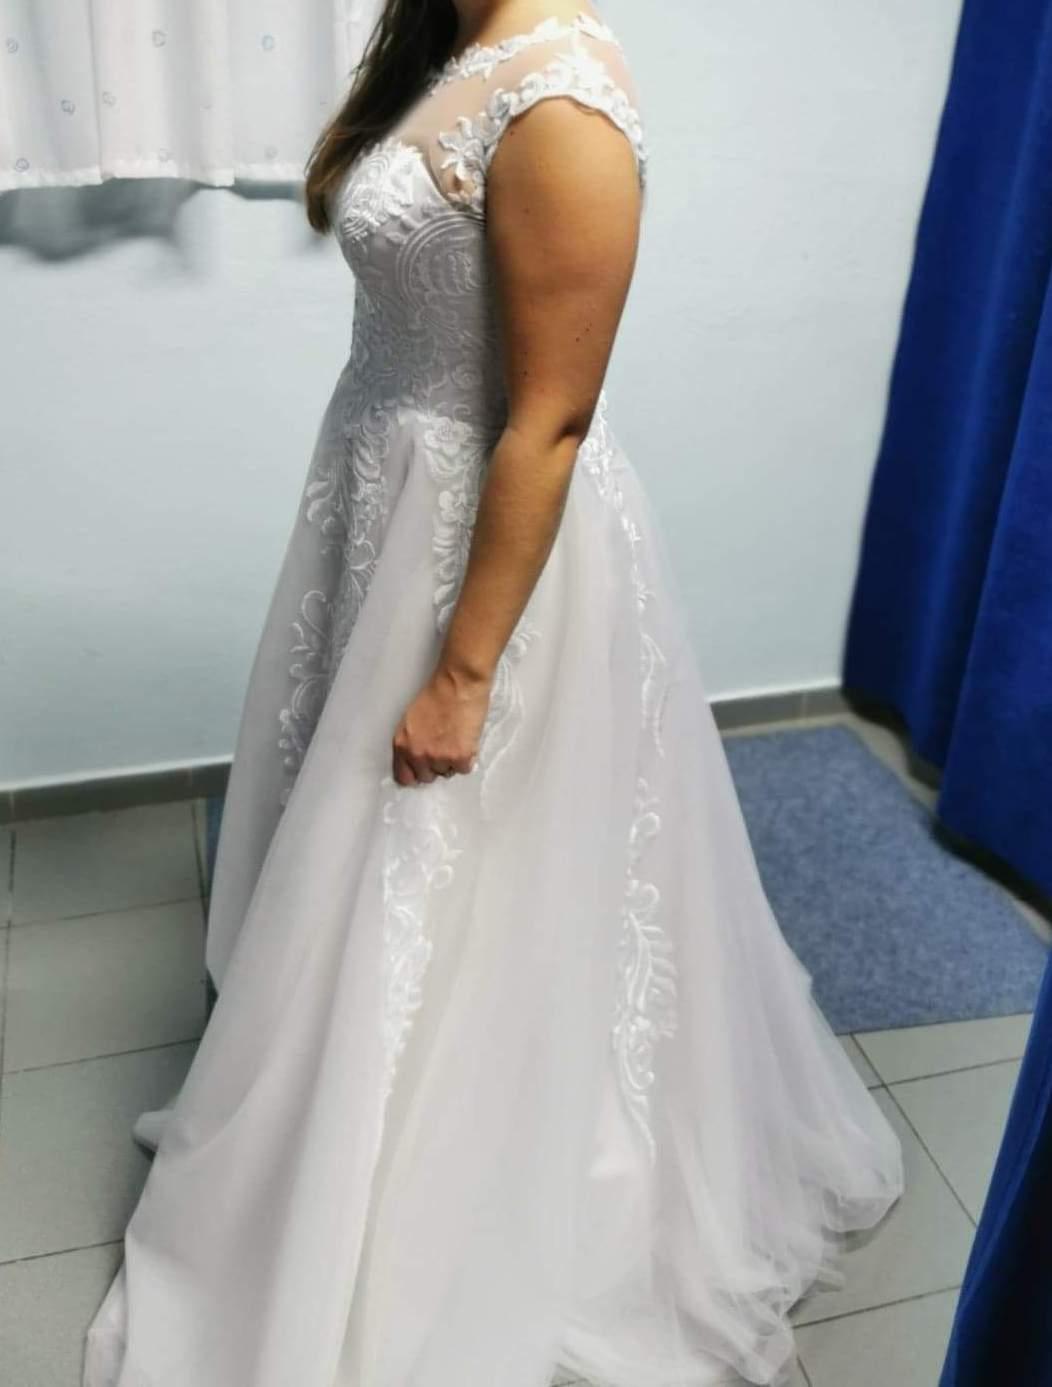 Úplne nové svadobné šaty veľ. 38-42 - Obrázok č. 3